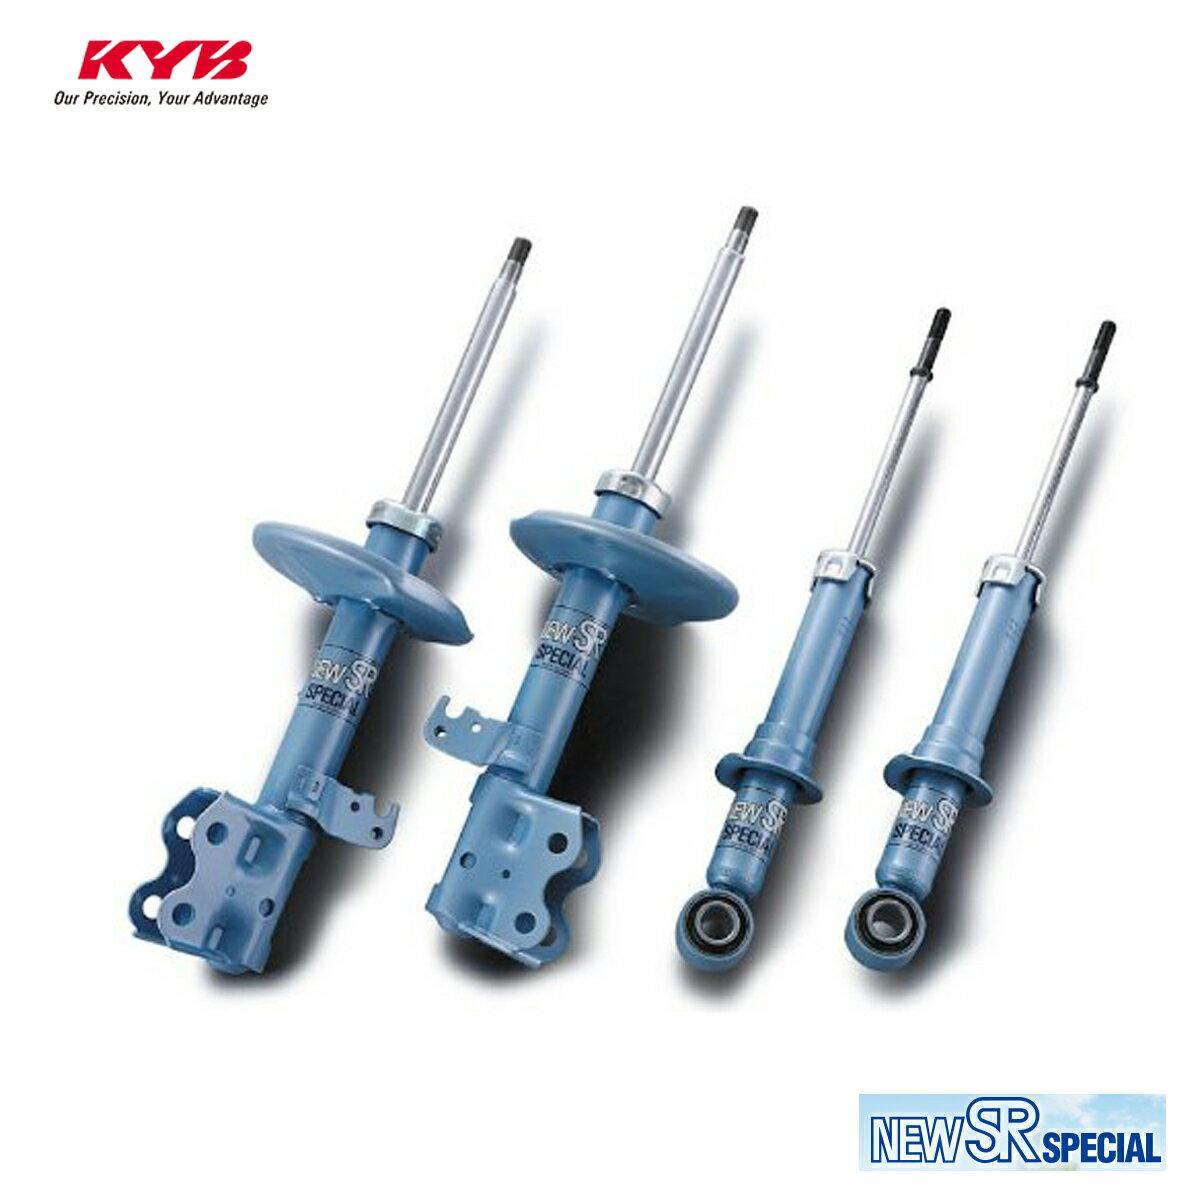 KYB カヤバ CRV RE4 ショックアブソーバー フロント 右用 1本 NEW SR SPECIAL NST5477R 配送先条件有り